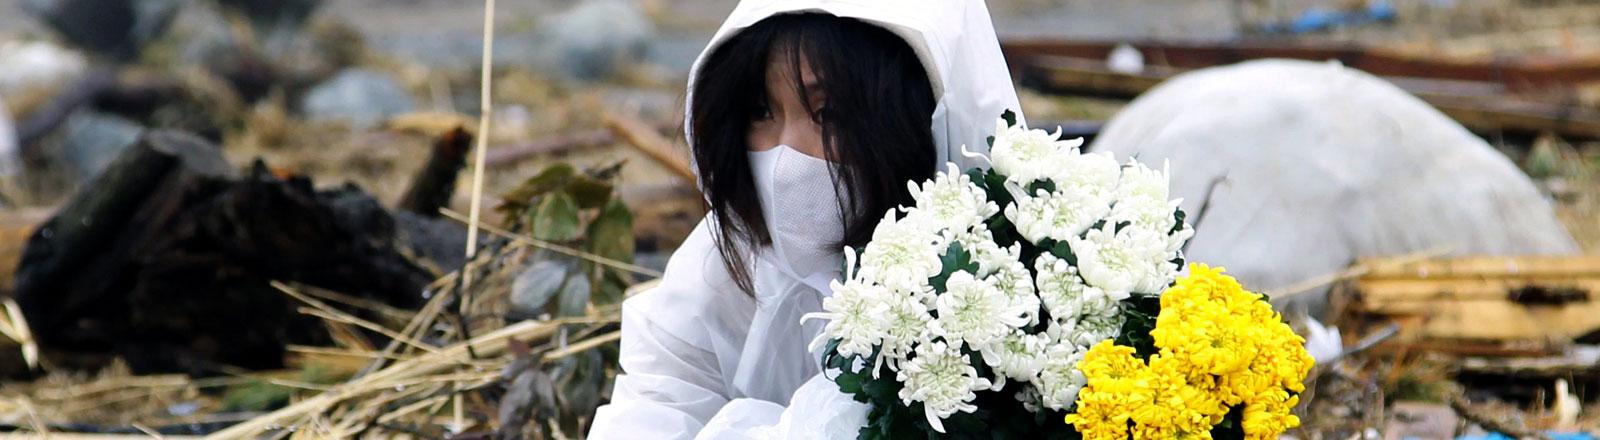 Eine japanische Frau sitzt inmitten von Trümmern mit zwei Blumensträußen und hält Blumen.